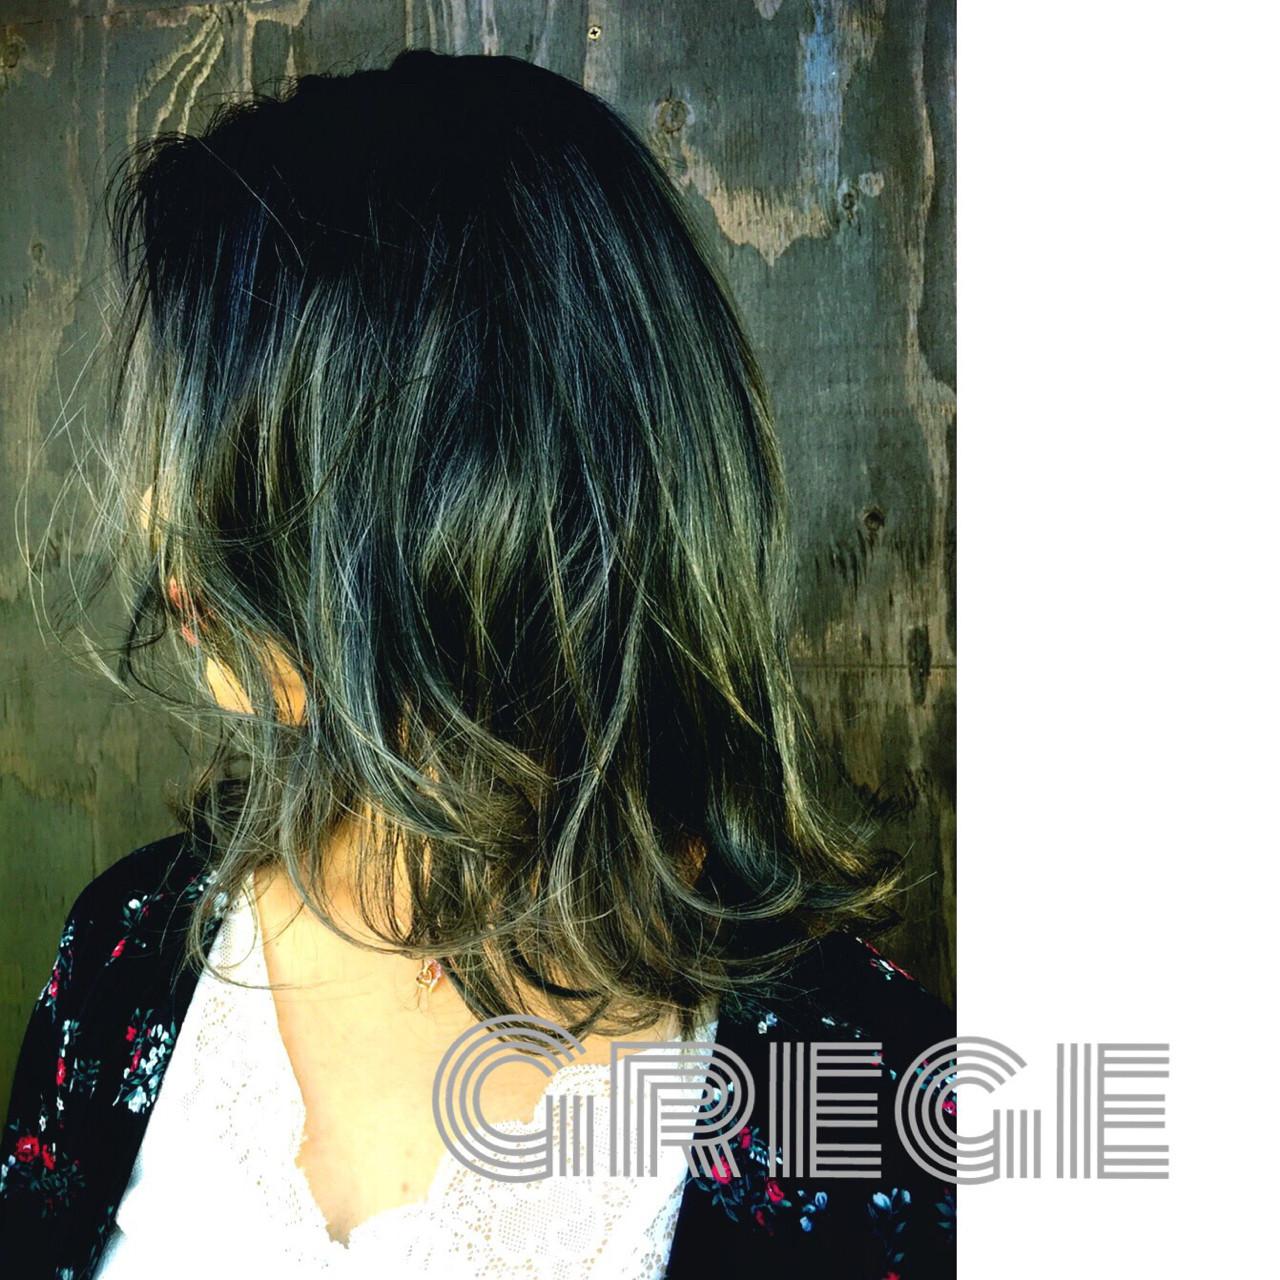 セミロング ストレート 透明感 秋 ヘアスタイルや髪型の写真・画像 | KIMINORI SATO / NAGON STYLE